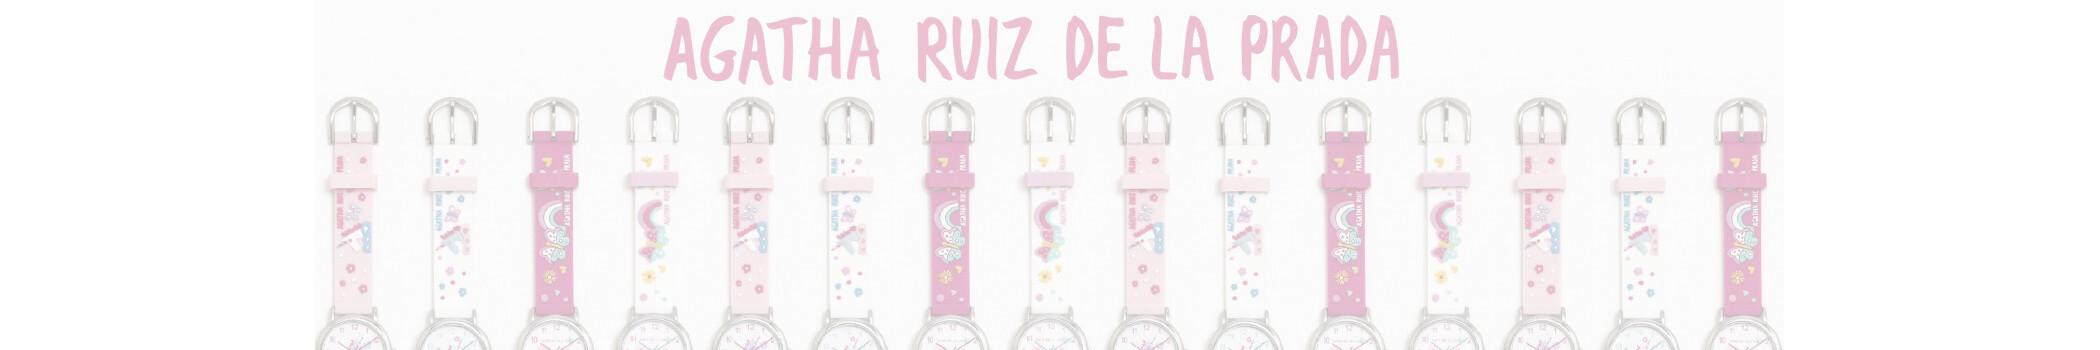 Joyas y relojes Agatha Ruiz de la Prada - Carmena Joyeros